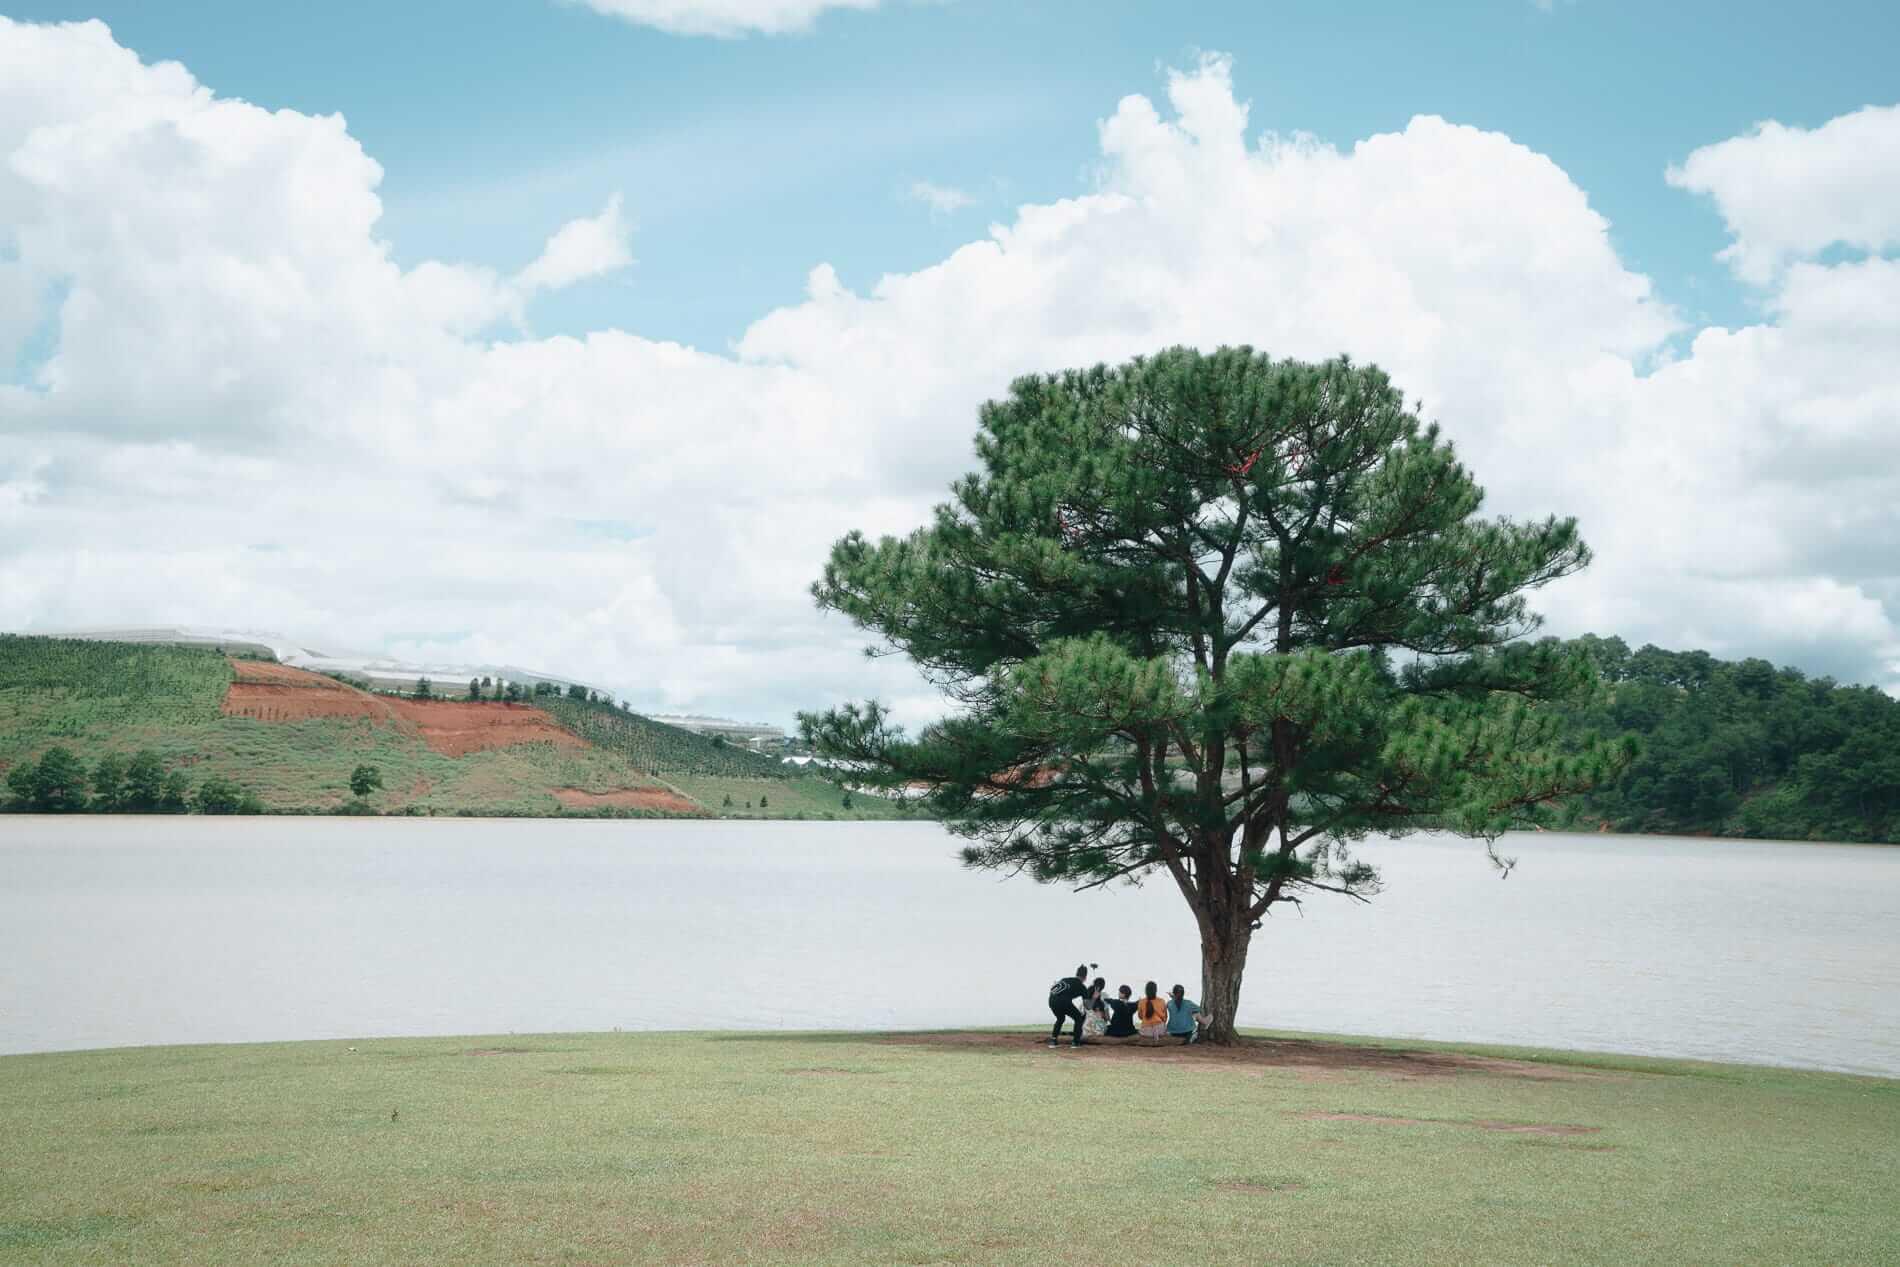 The lake in Da Lat